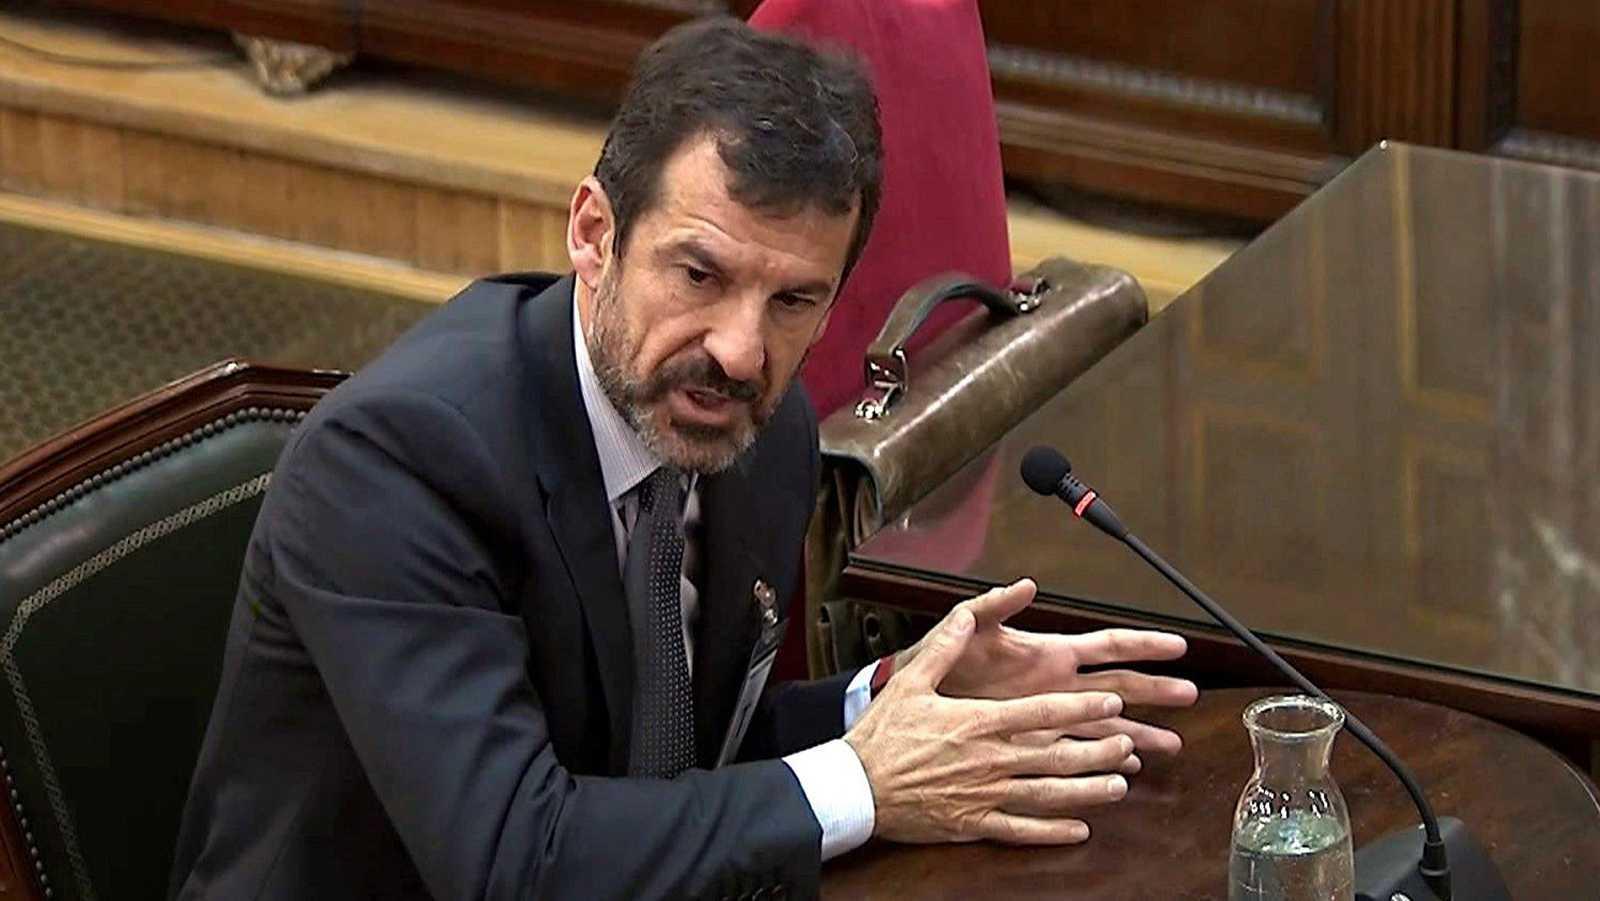 El comisario de los Mossos Ferrán López afirma que Puigdemont estaba dispuesto a declarar la independencia si había incidentes